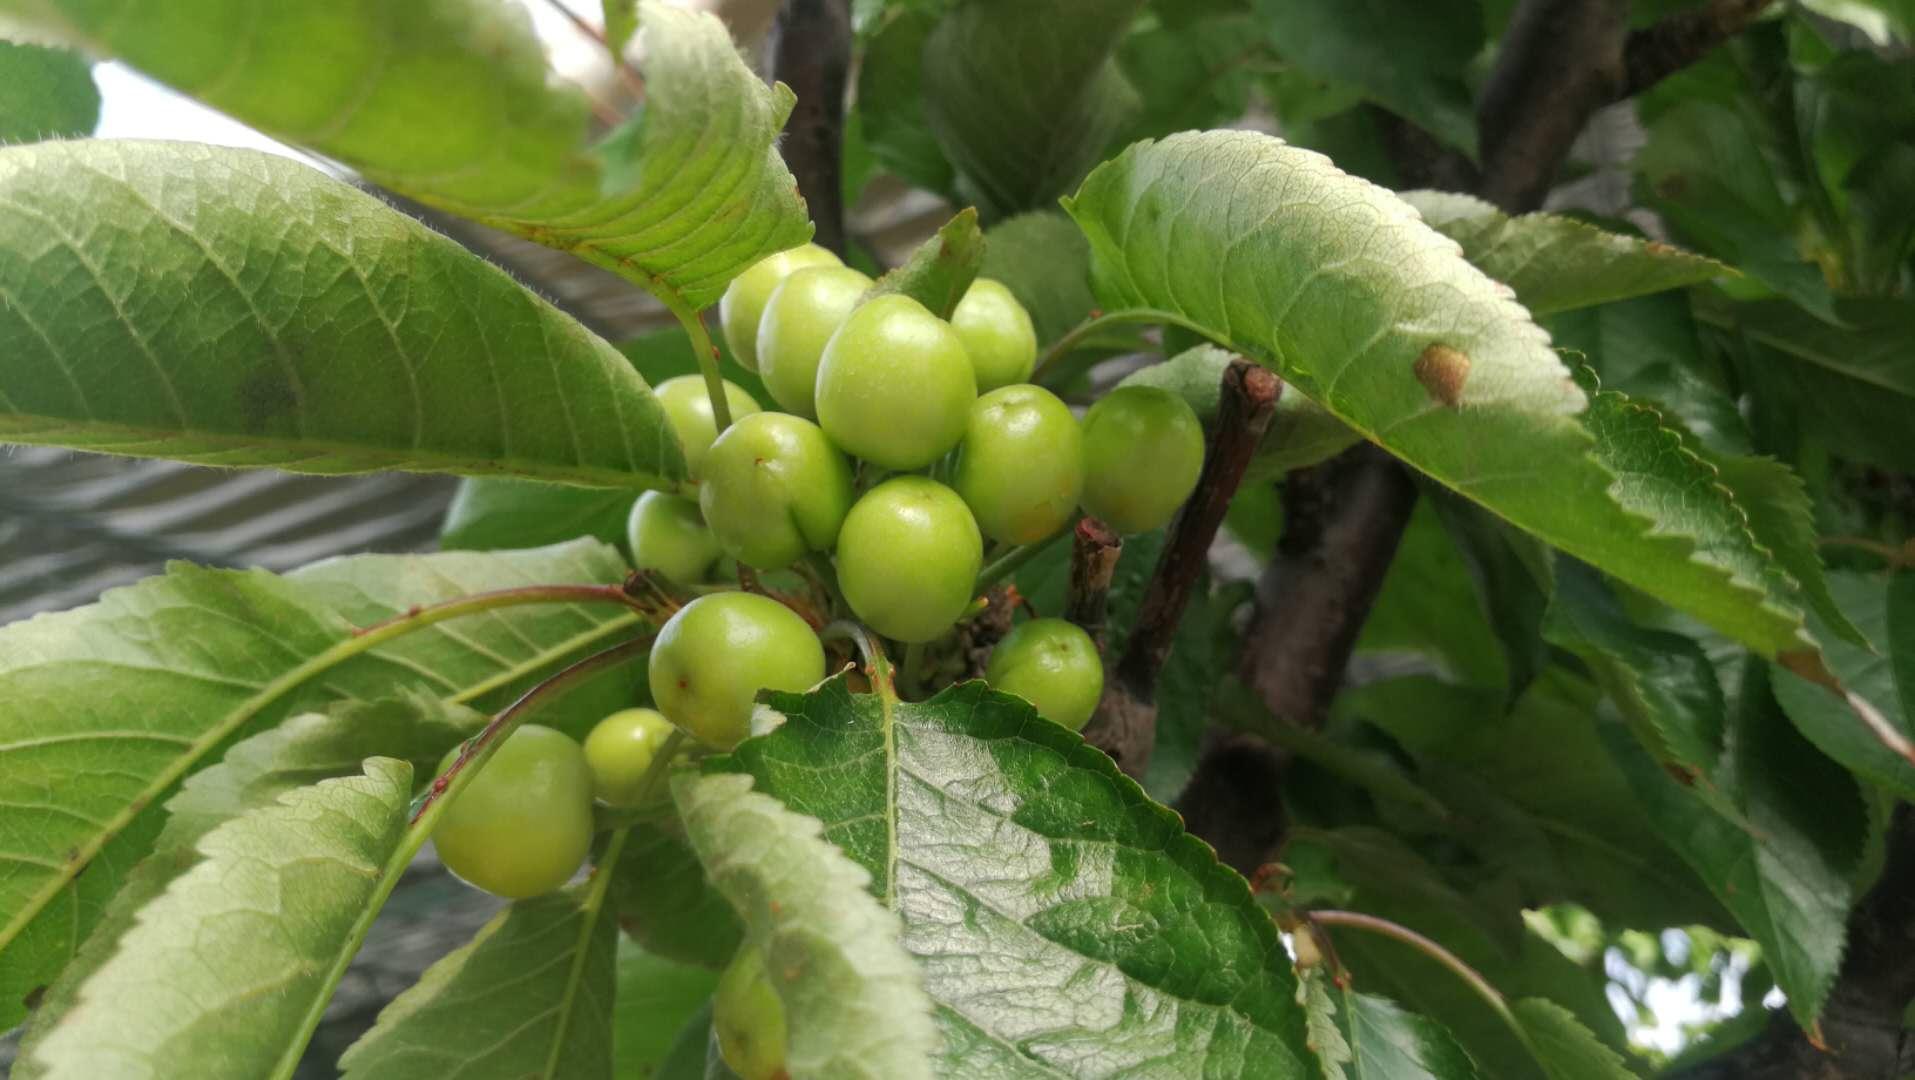 3月20日,在淄川区昆仑镇石牛埠村昆石种养专业合作社的种植园里,樱桃树上结满了樱桃,负责人已在担忧成熟后的销售问题。